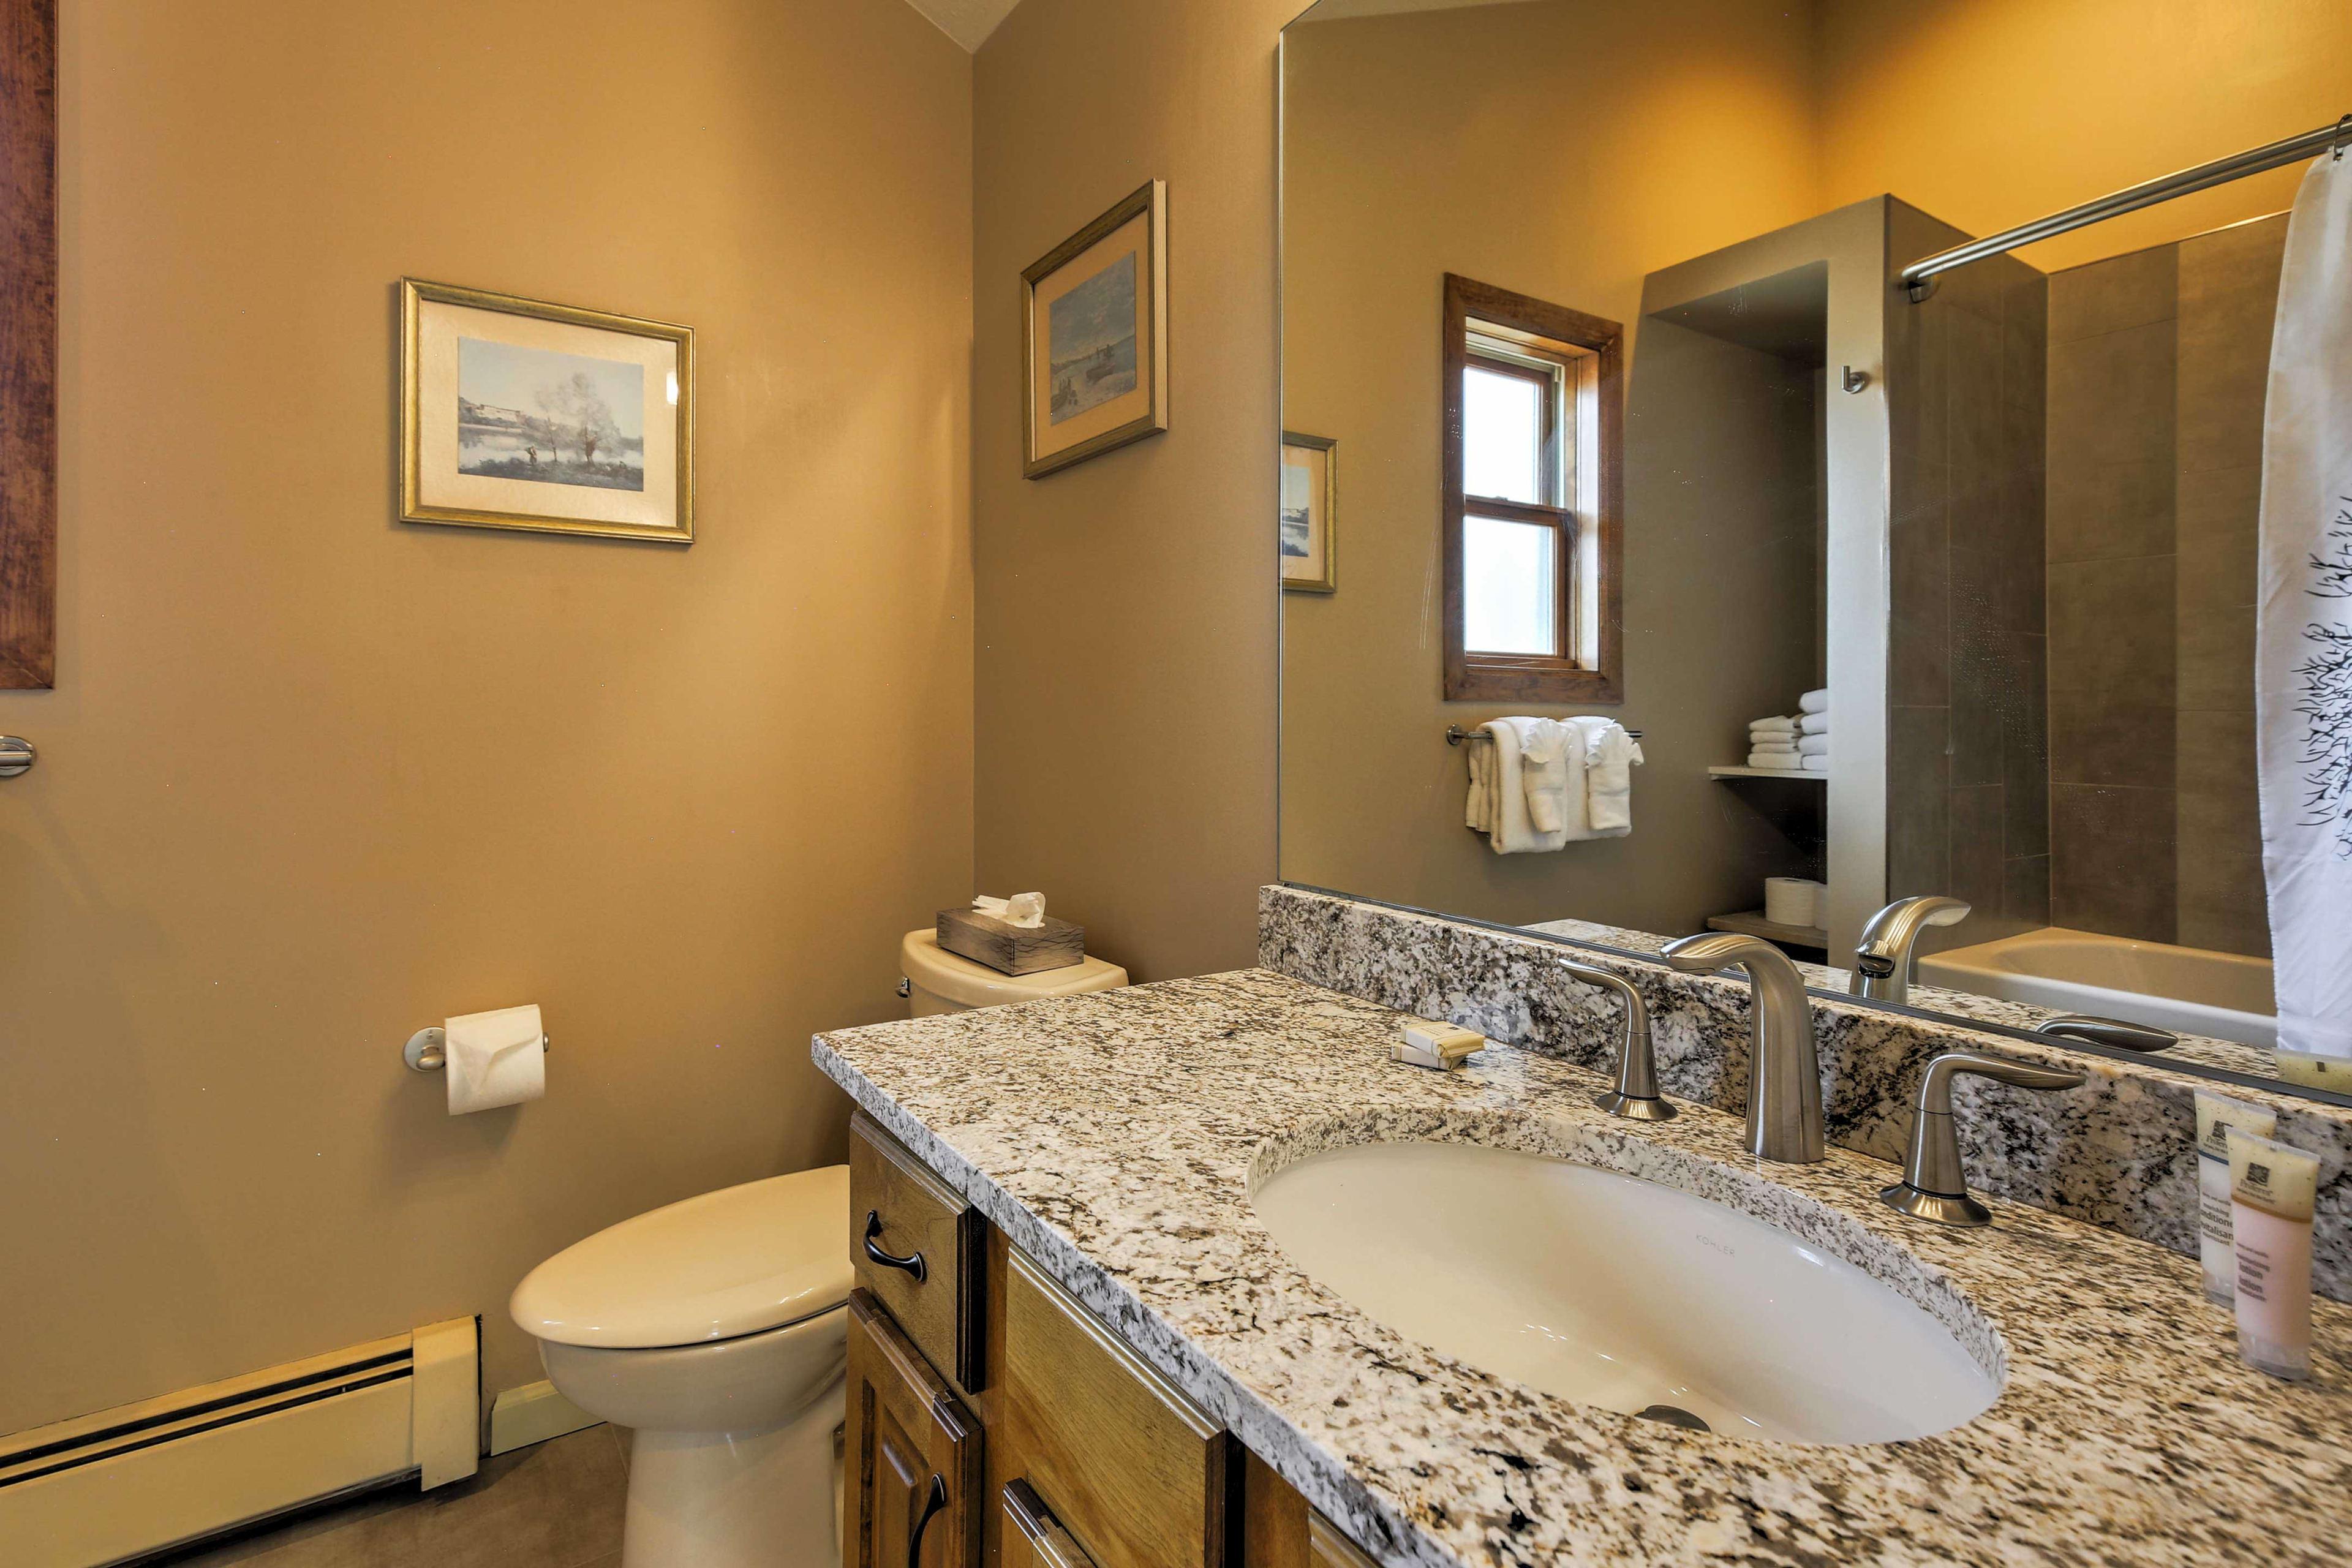 Bathroom | Complimentary Toiletries